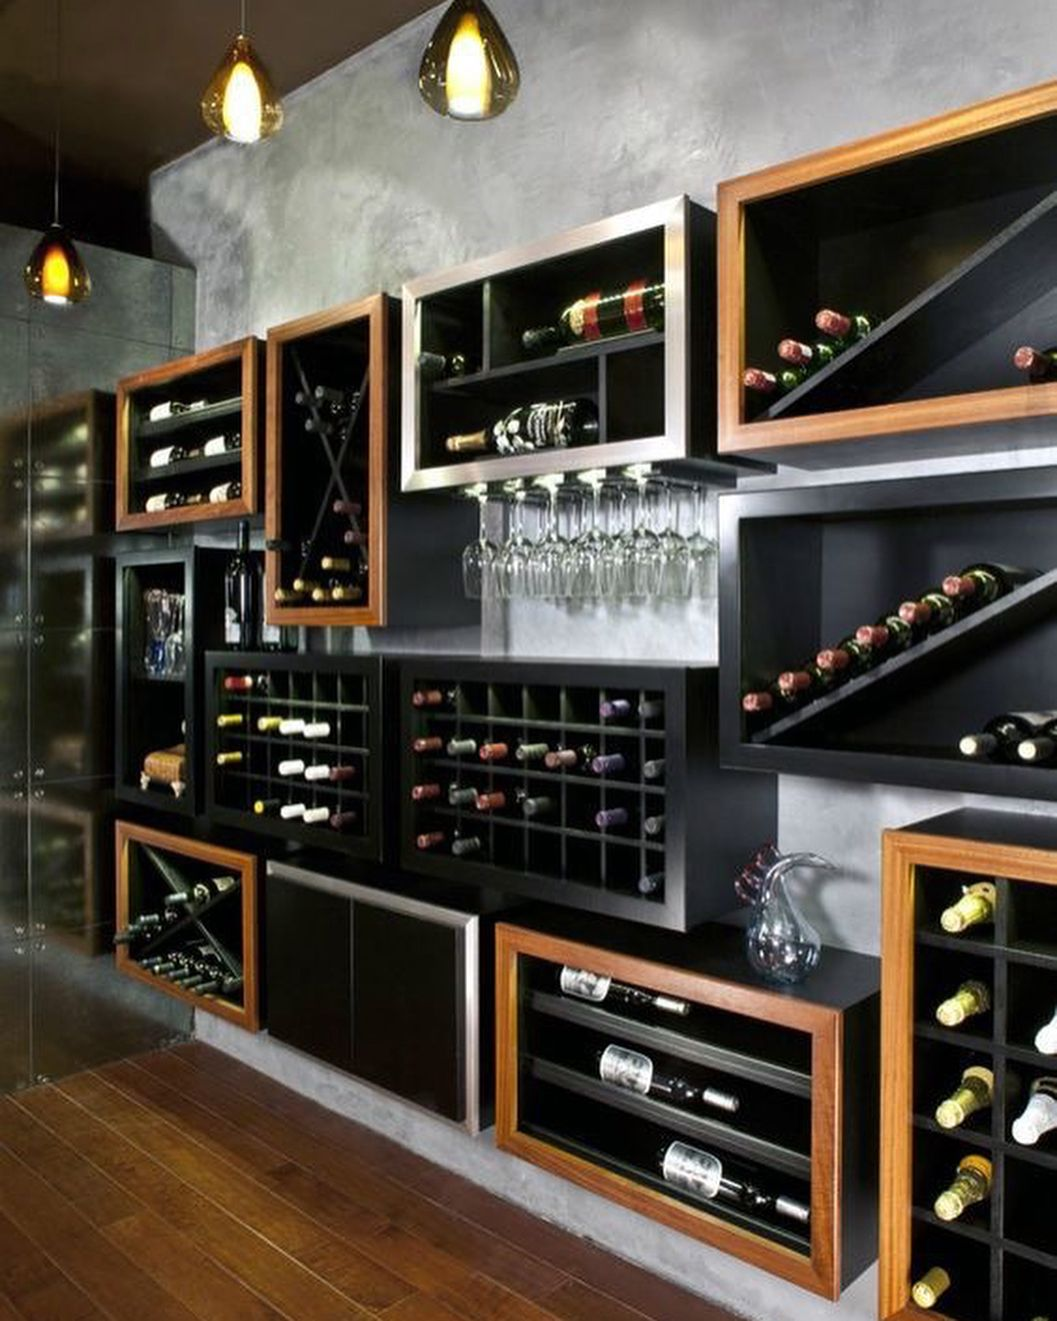 Pin De Isabelle En Bar E Adega Habitaciones De Vino Cavas Caseras Diseños De Bares De Casa